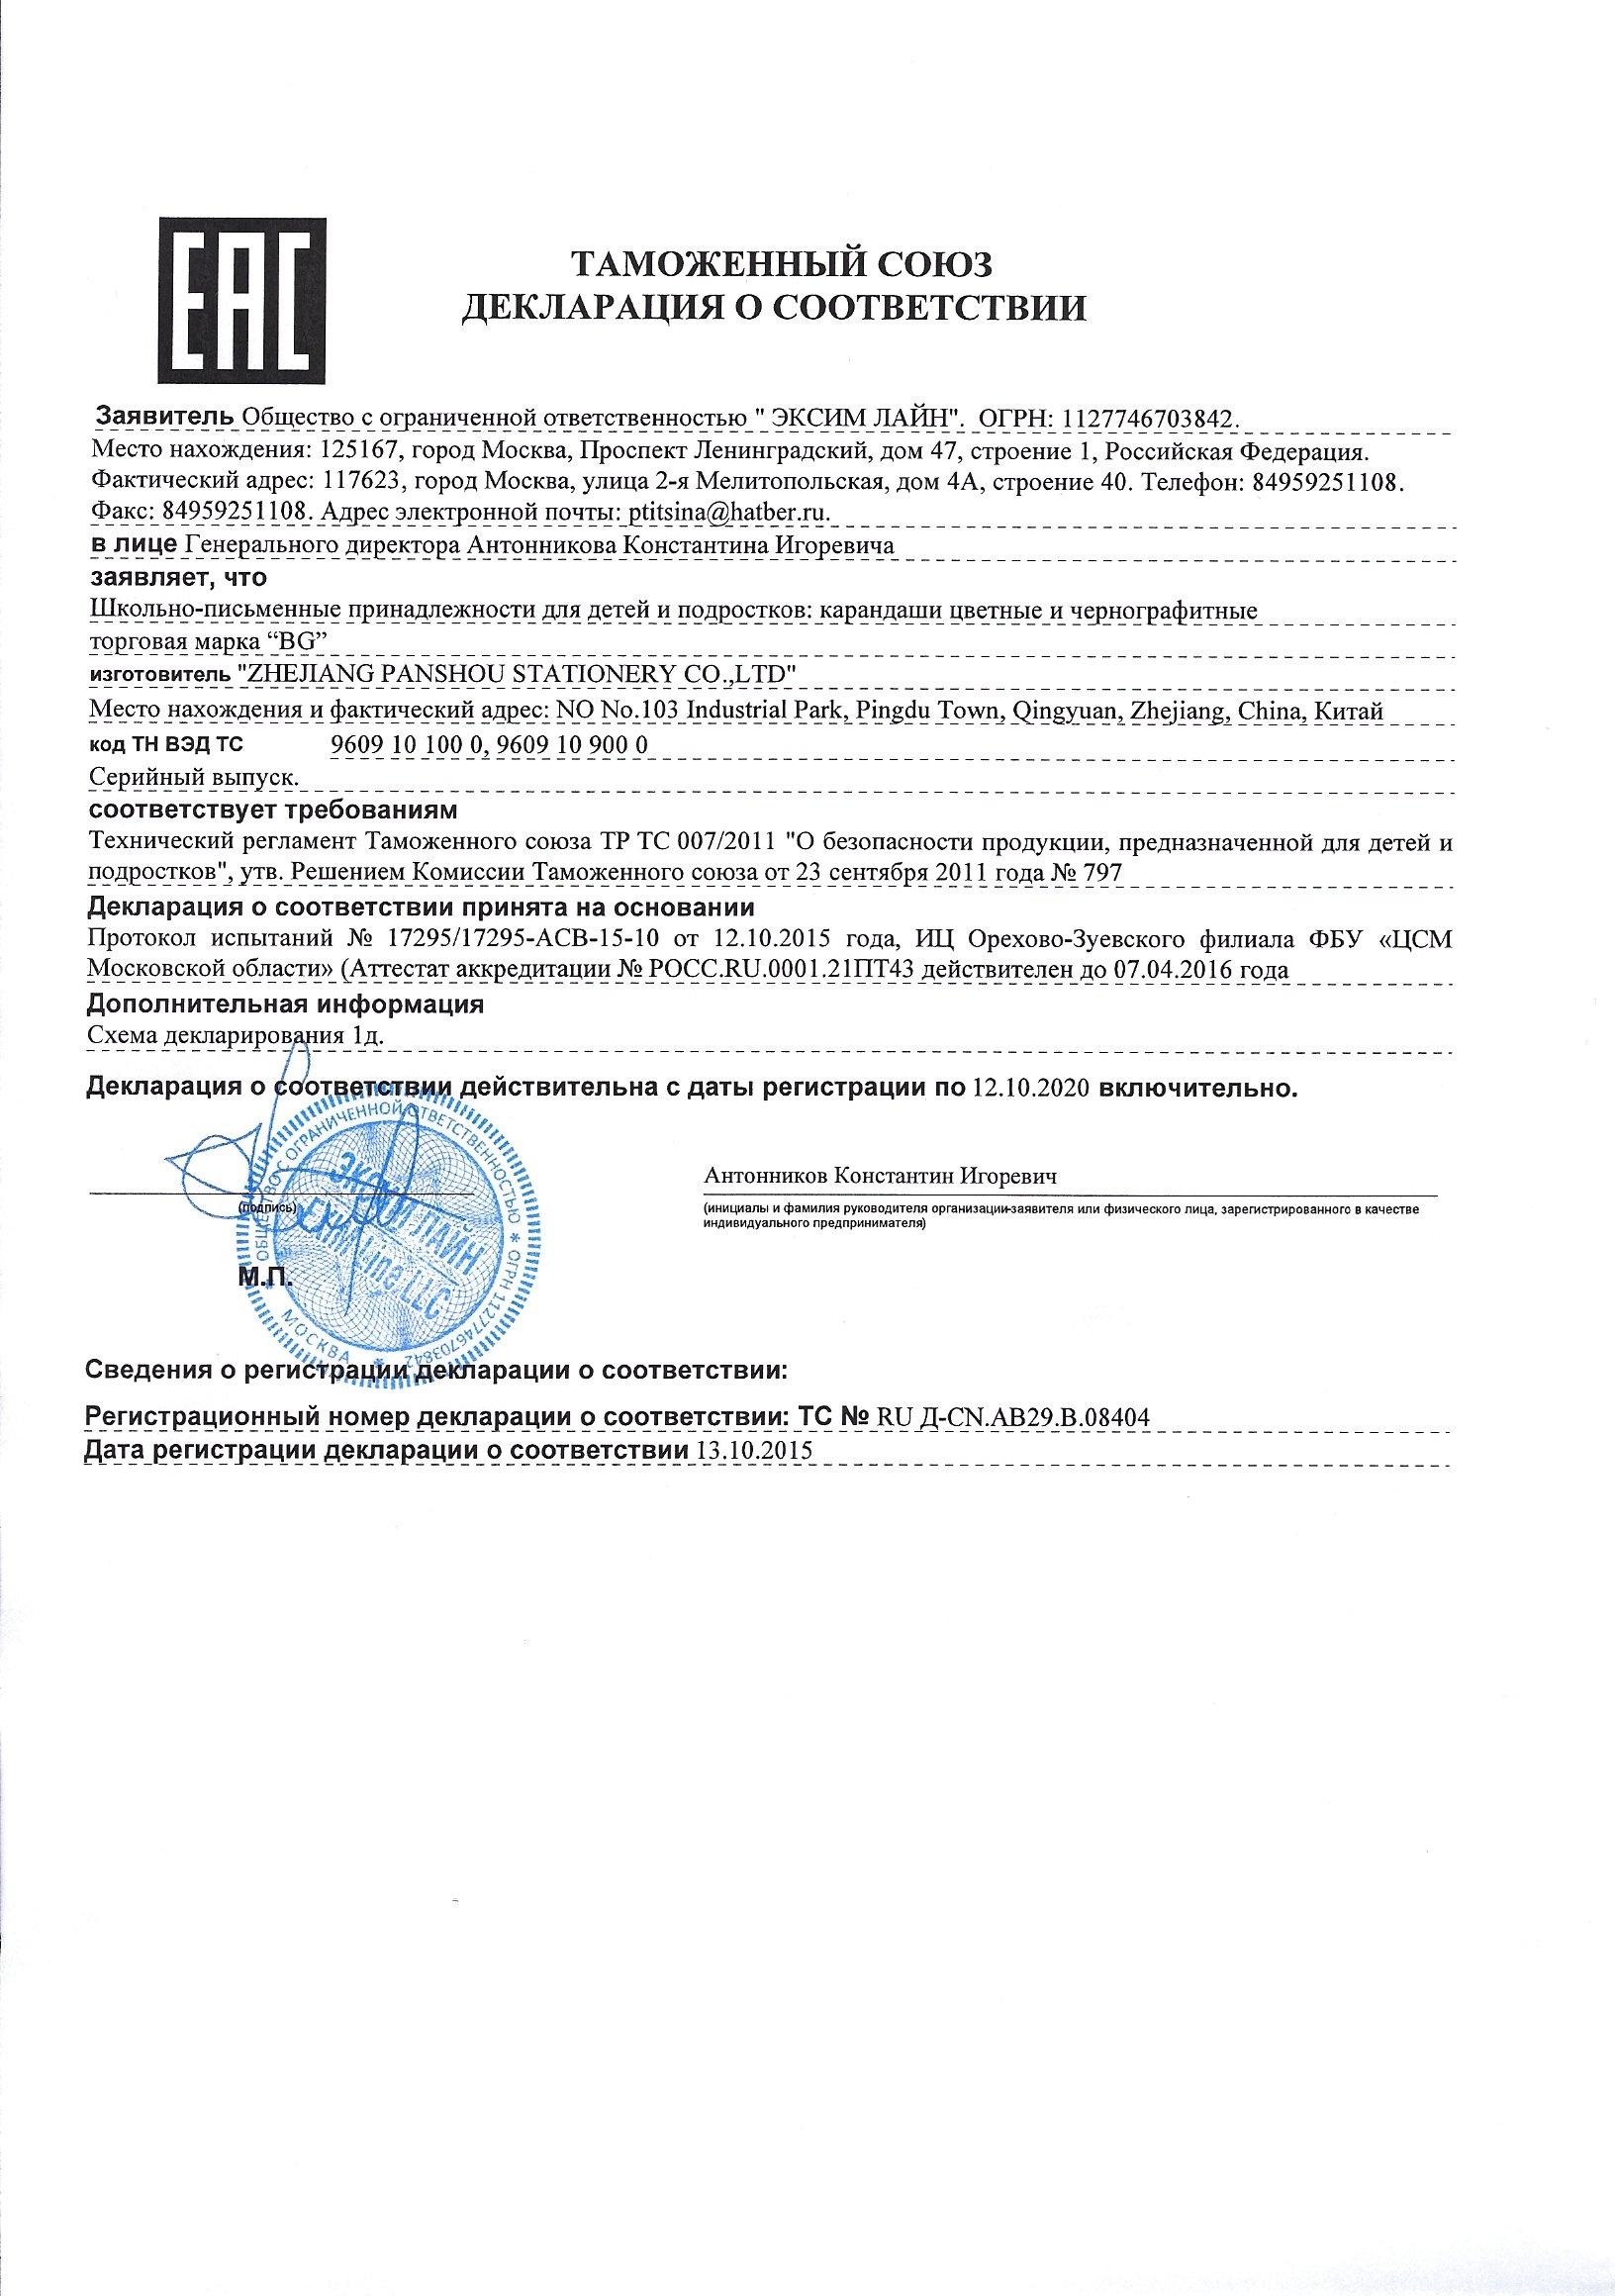 BG на Карандаши (по 12.10.2020)